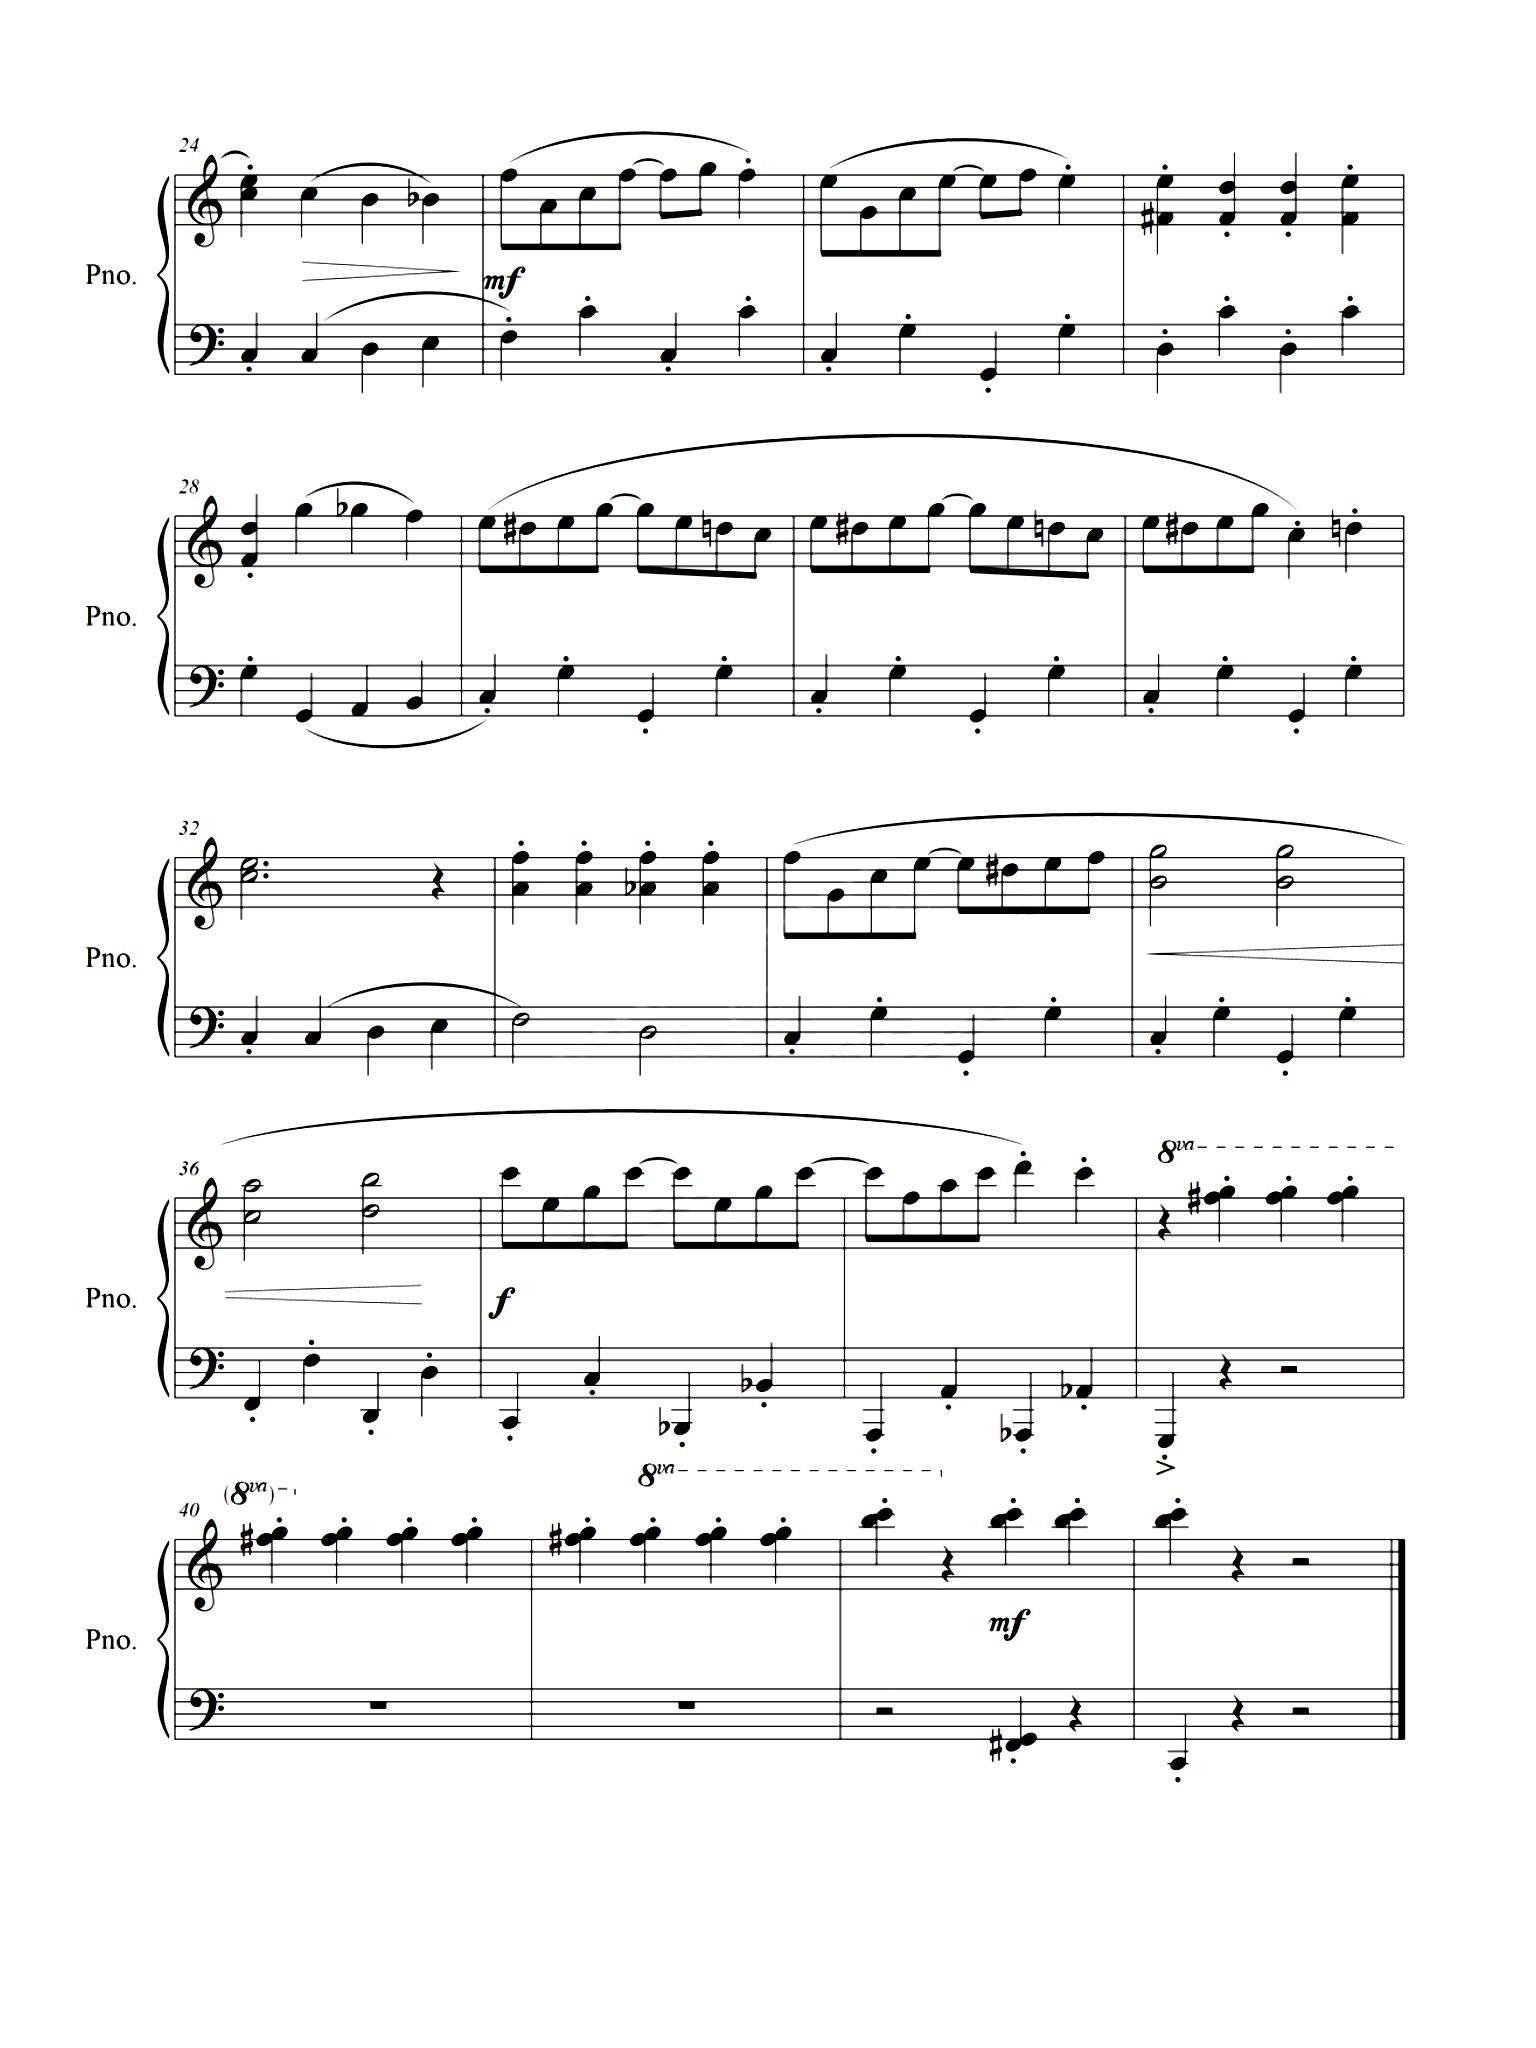 """钢琴谱子上课铃声-明天更新哪个曲子,猜猜看喽!   """"你哭着对我说,___里都是骗人的"""